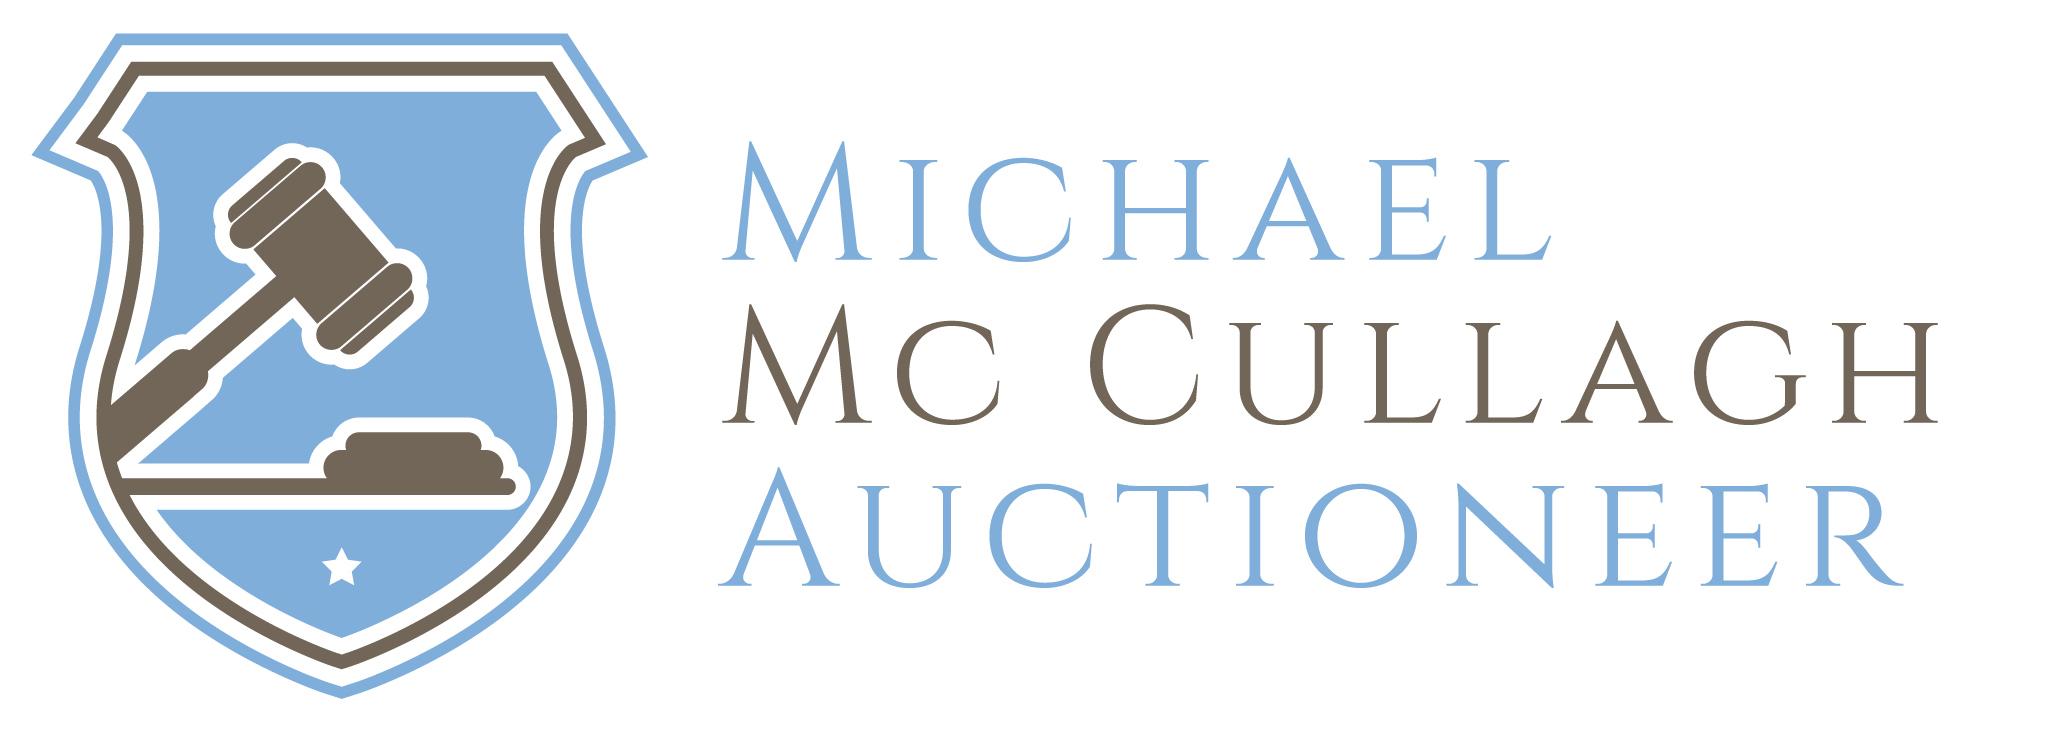 Michael McCullagh